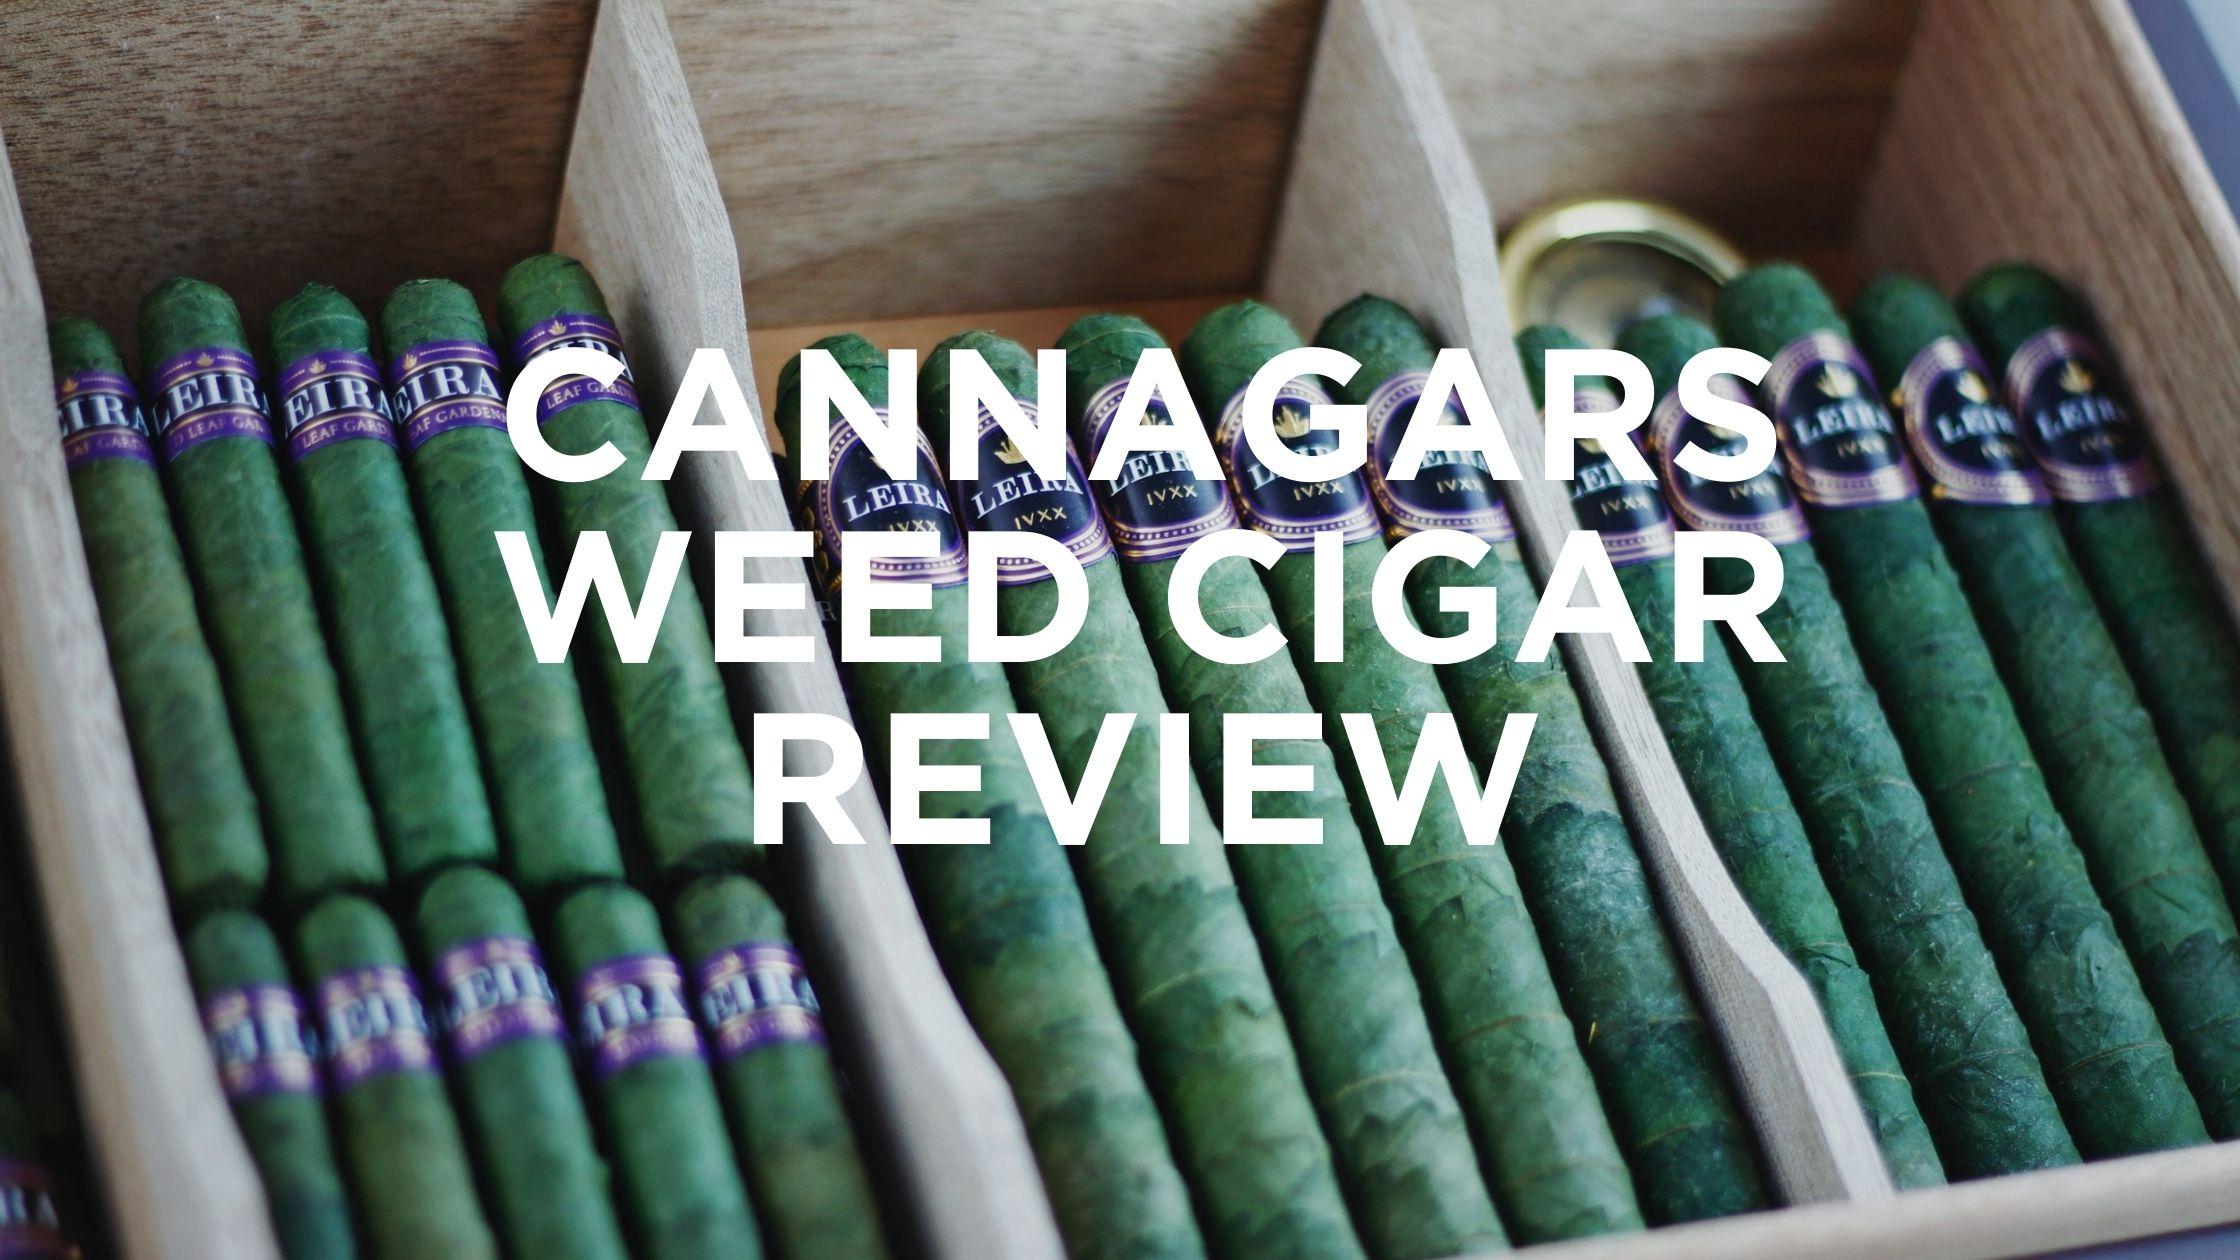 cannagars_weed_cigar_review